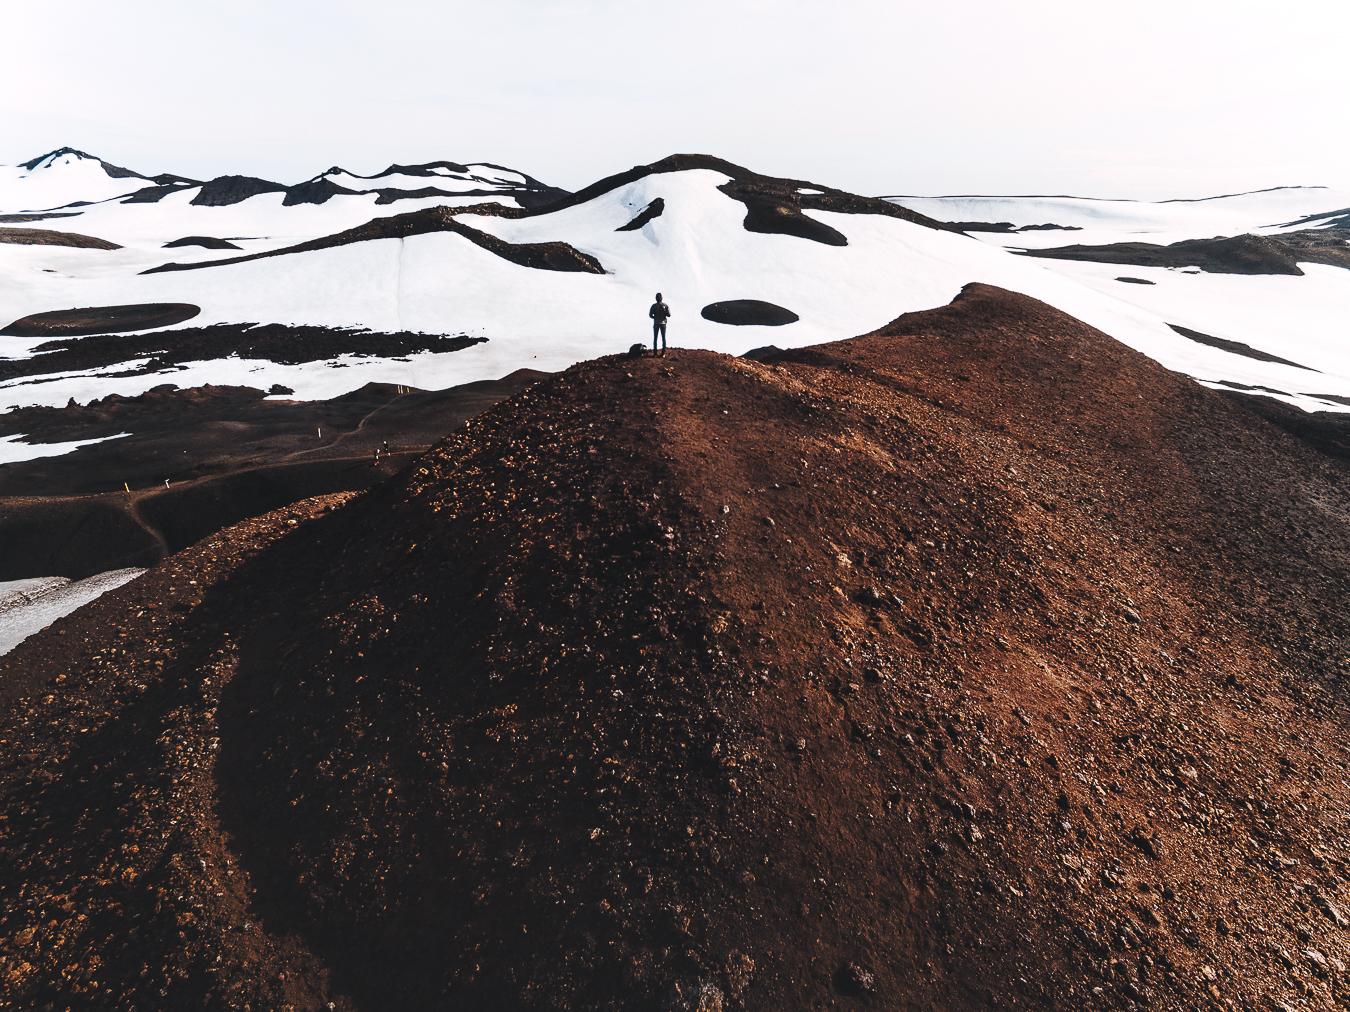 gabornagy_volcano_huts46.jpg